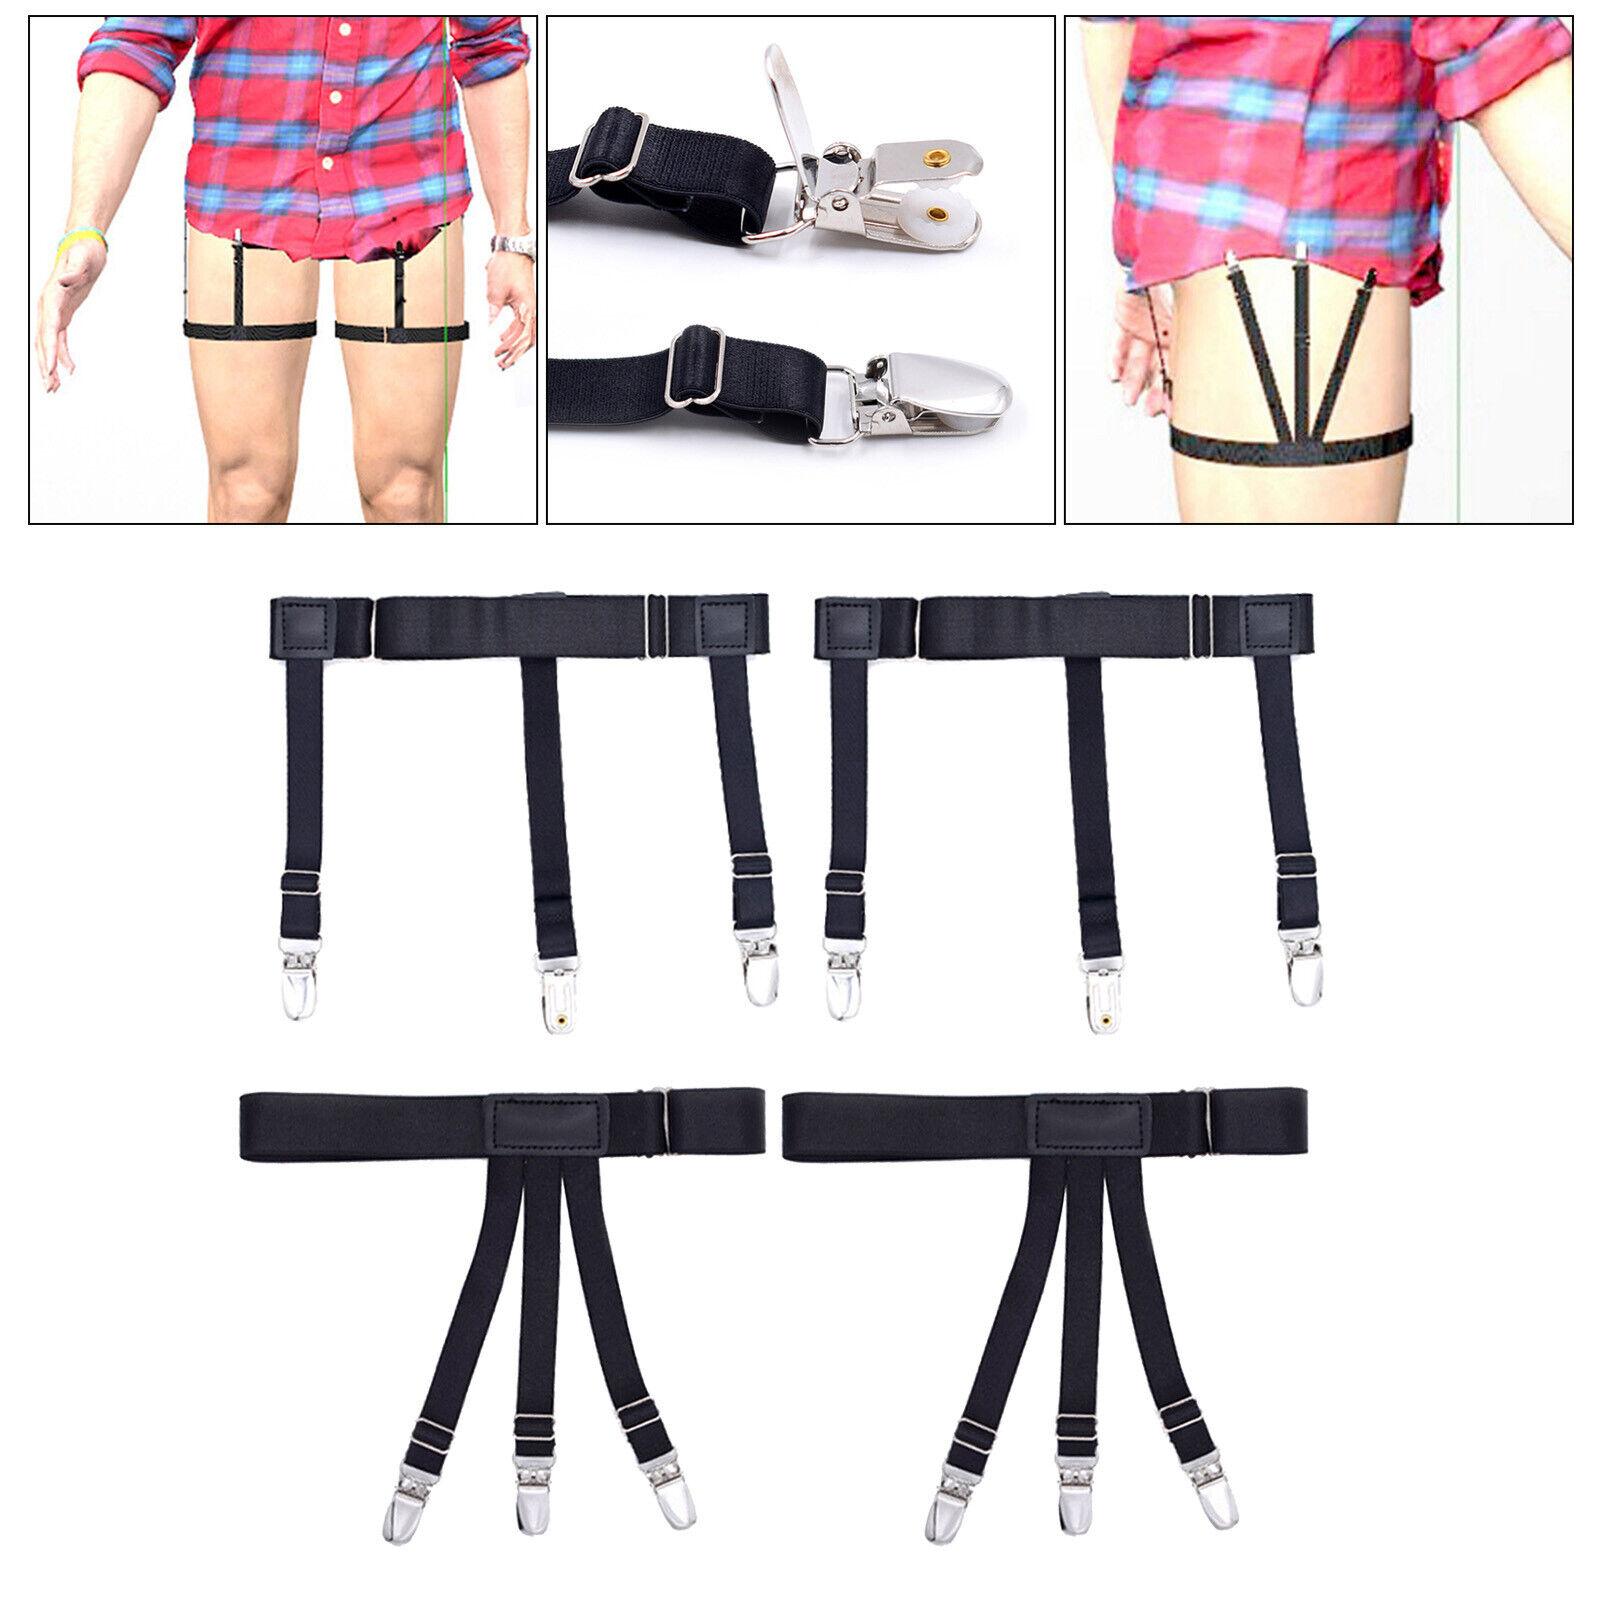 2x Shirt Stays Leg Garter Suspender Shirt Holders Non-Slip Clips Business